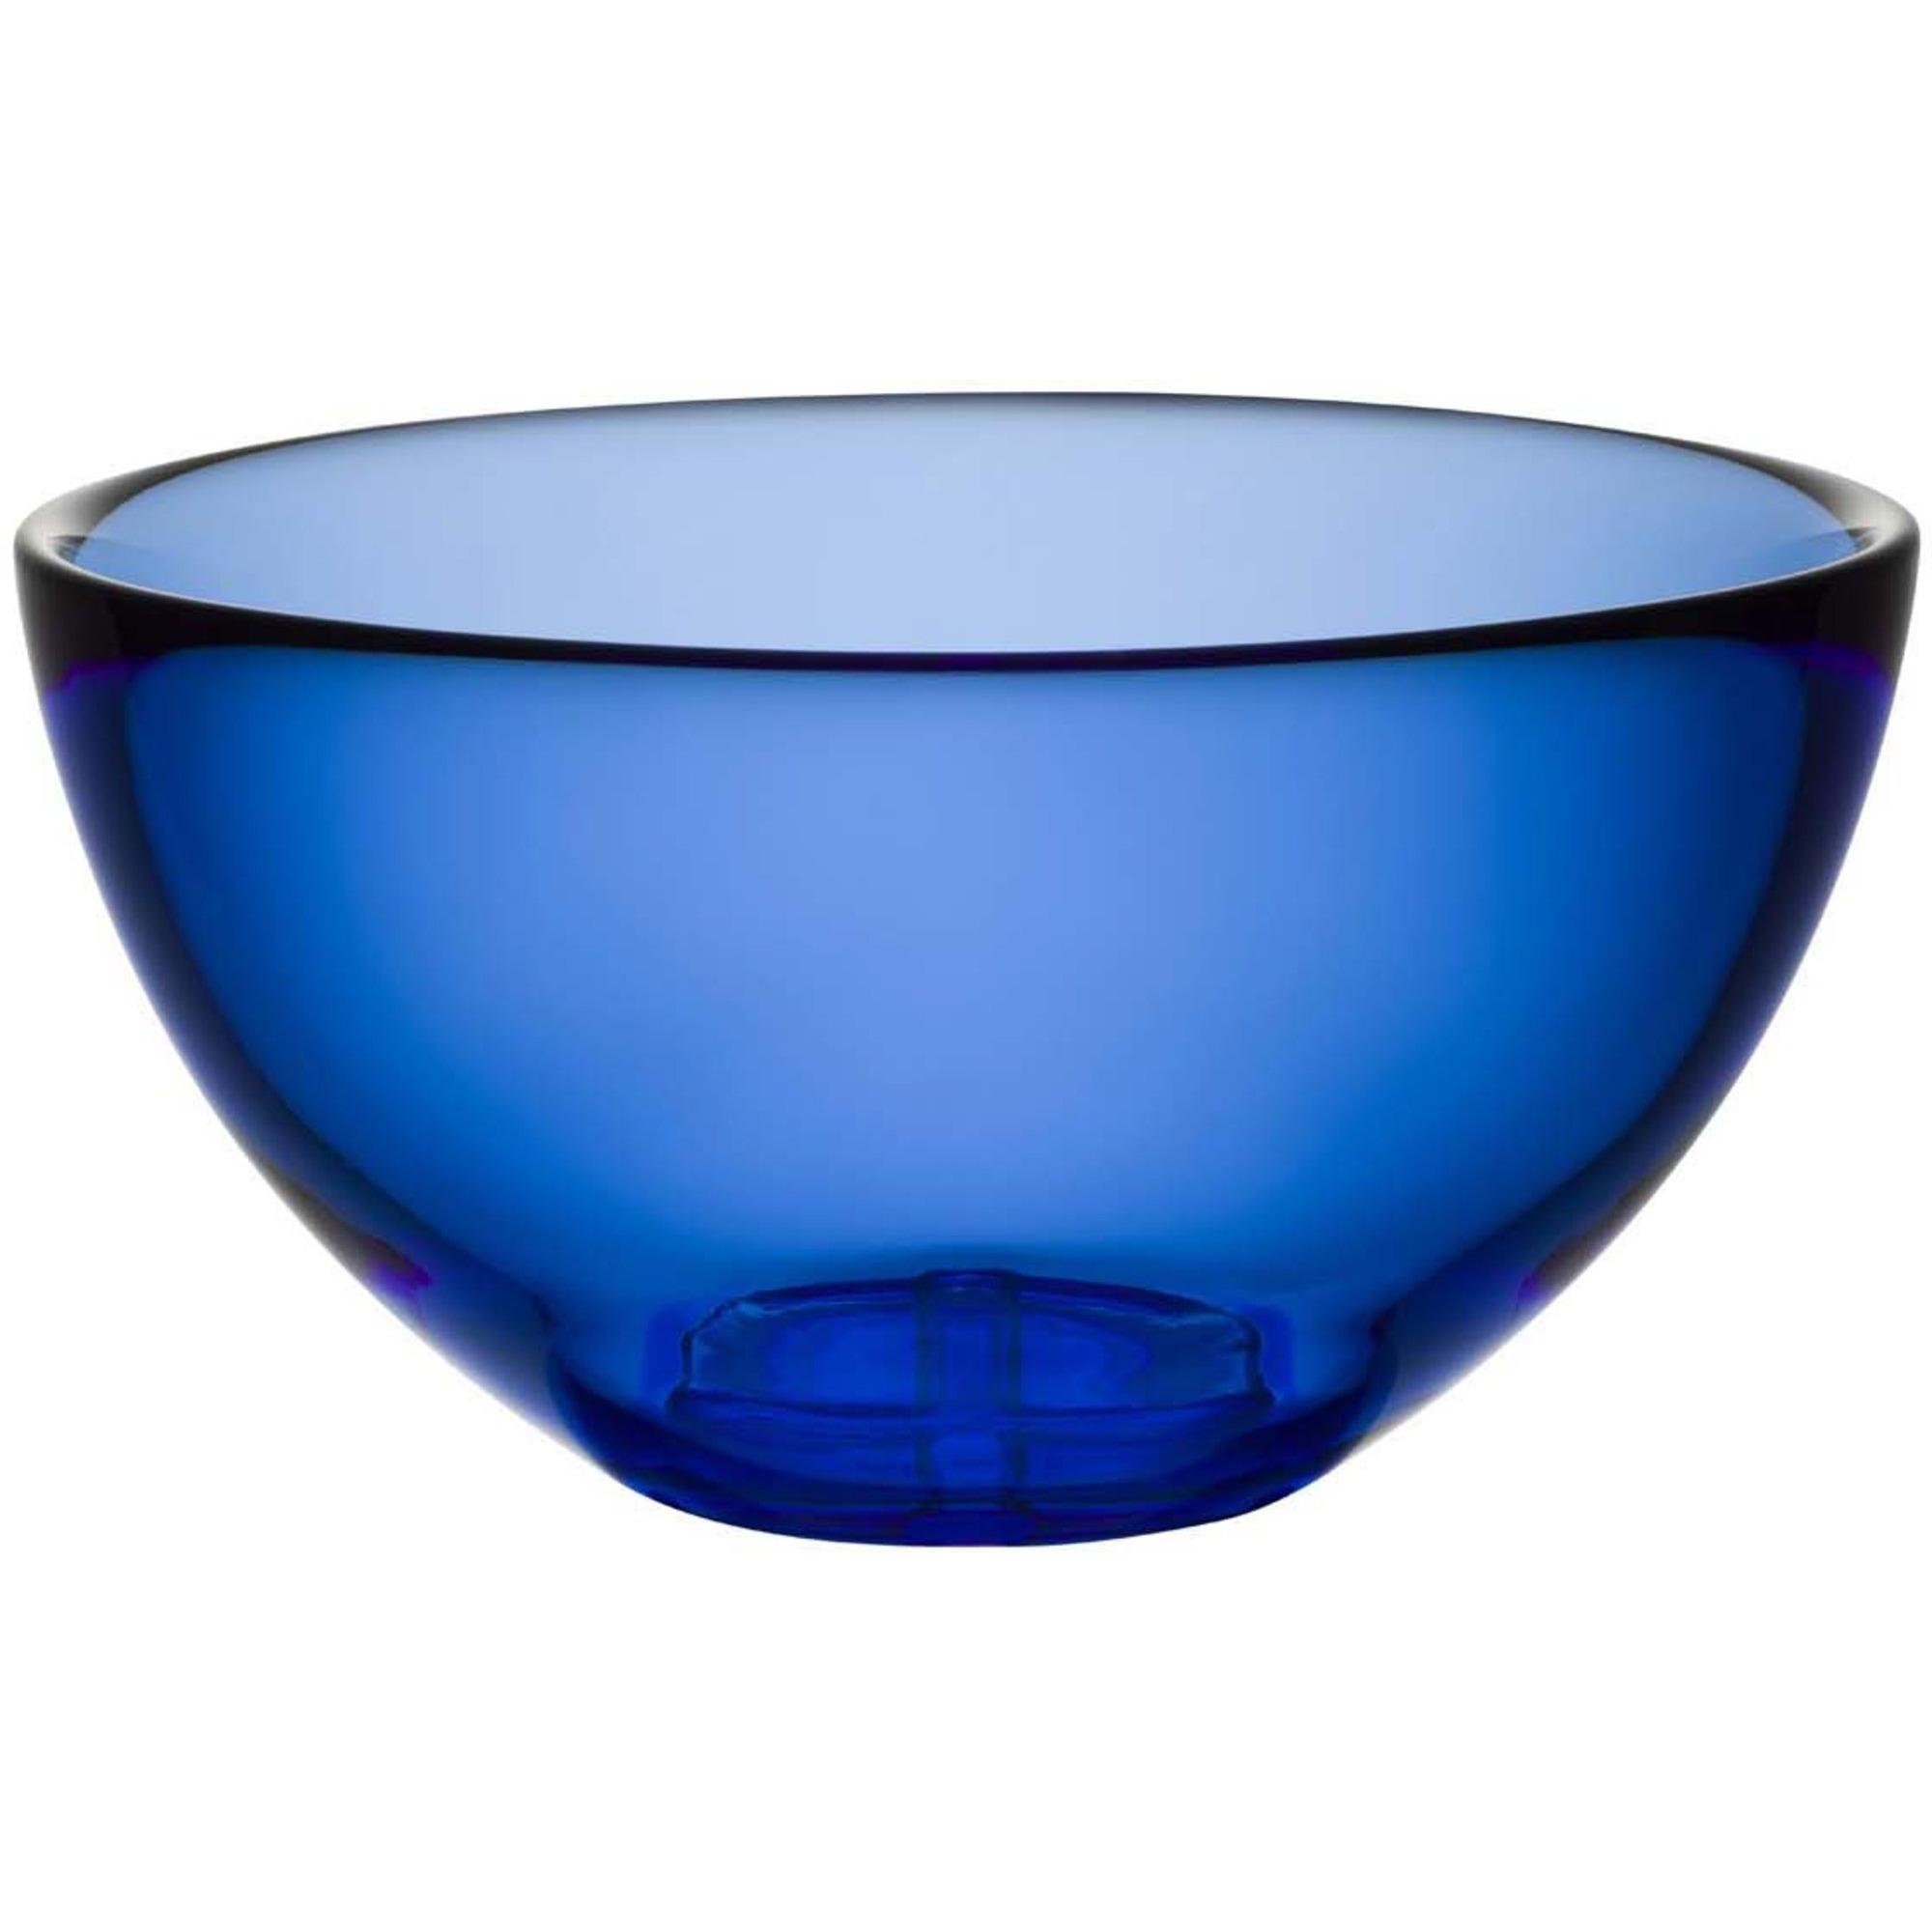 Kosta Boda Bruk Serveringsskål Water Blue Medium